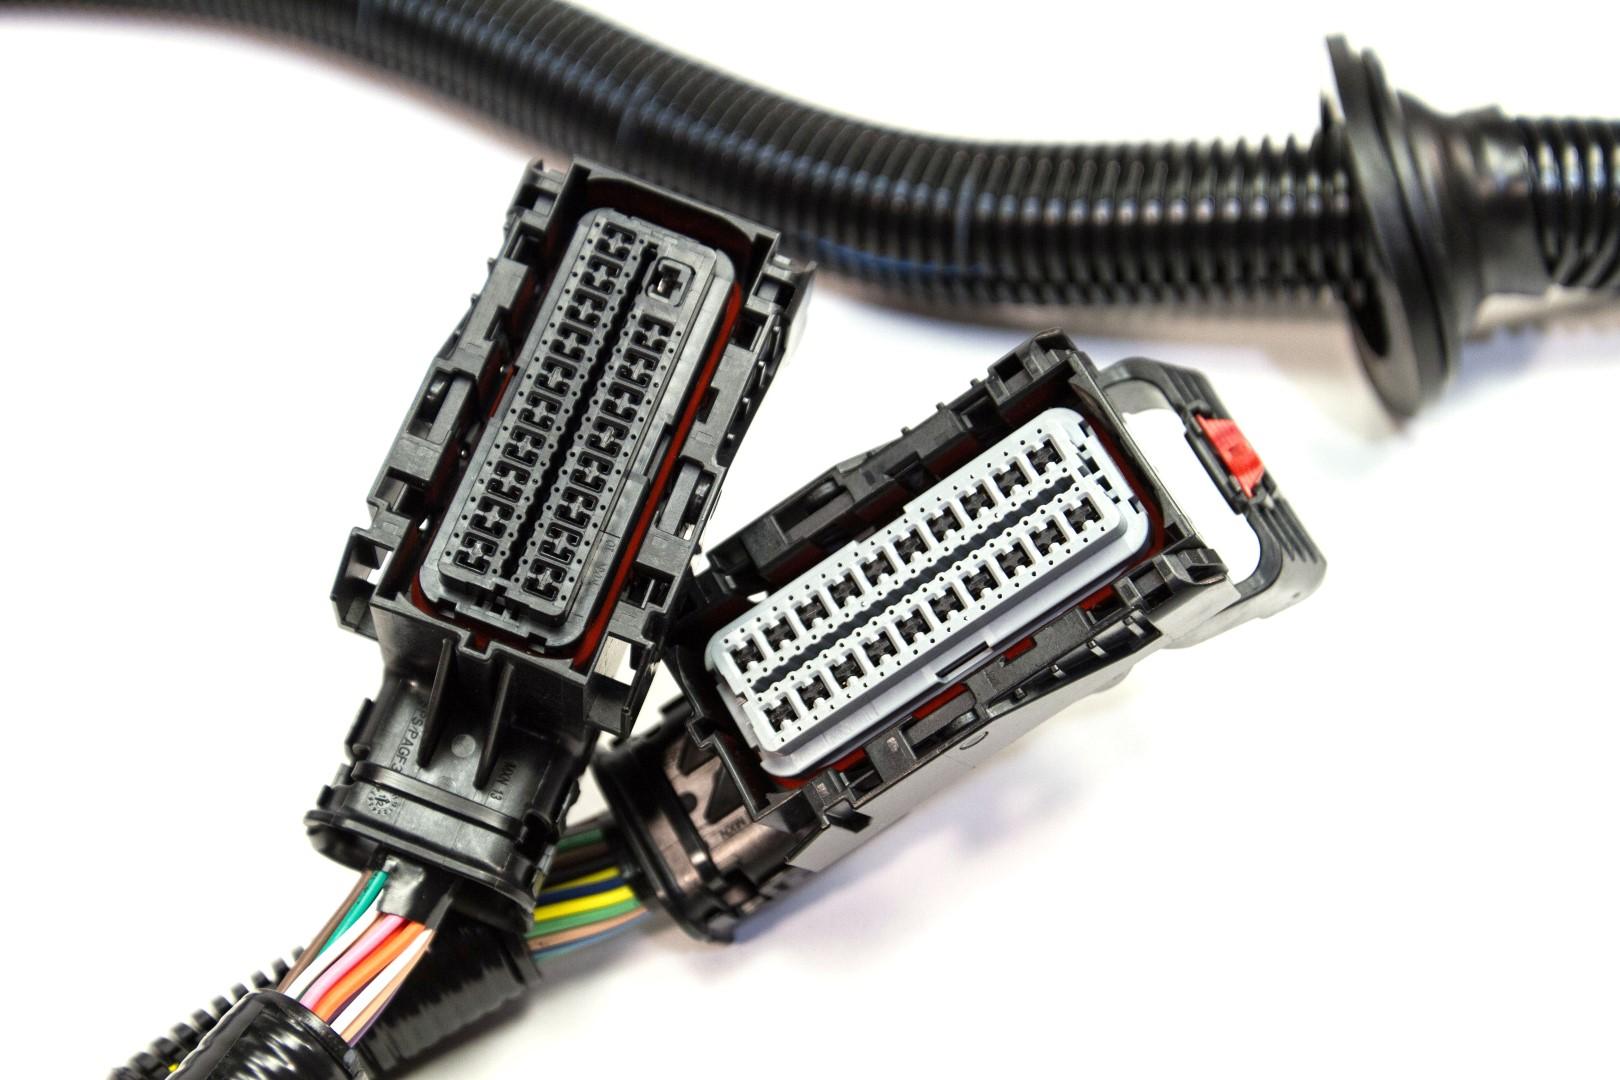 ls2 wiring harness  05  07    ls2     6 0l  58x standalone    wiring       harness    w t56   05  07    ls2     6 0l  58x standalone    wiring       harness    w t56